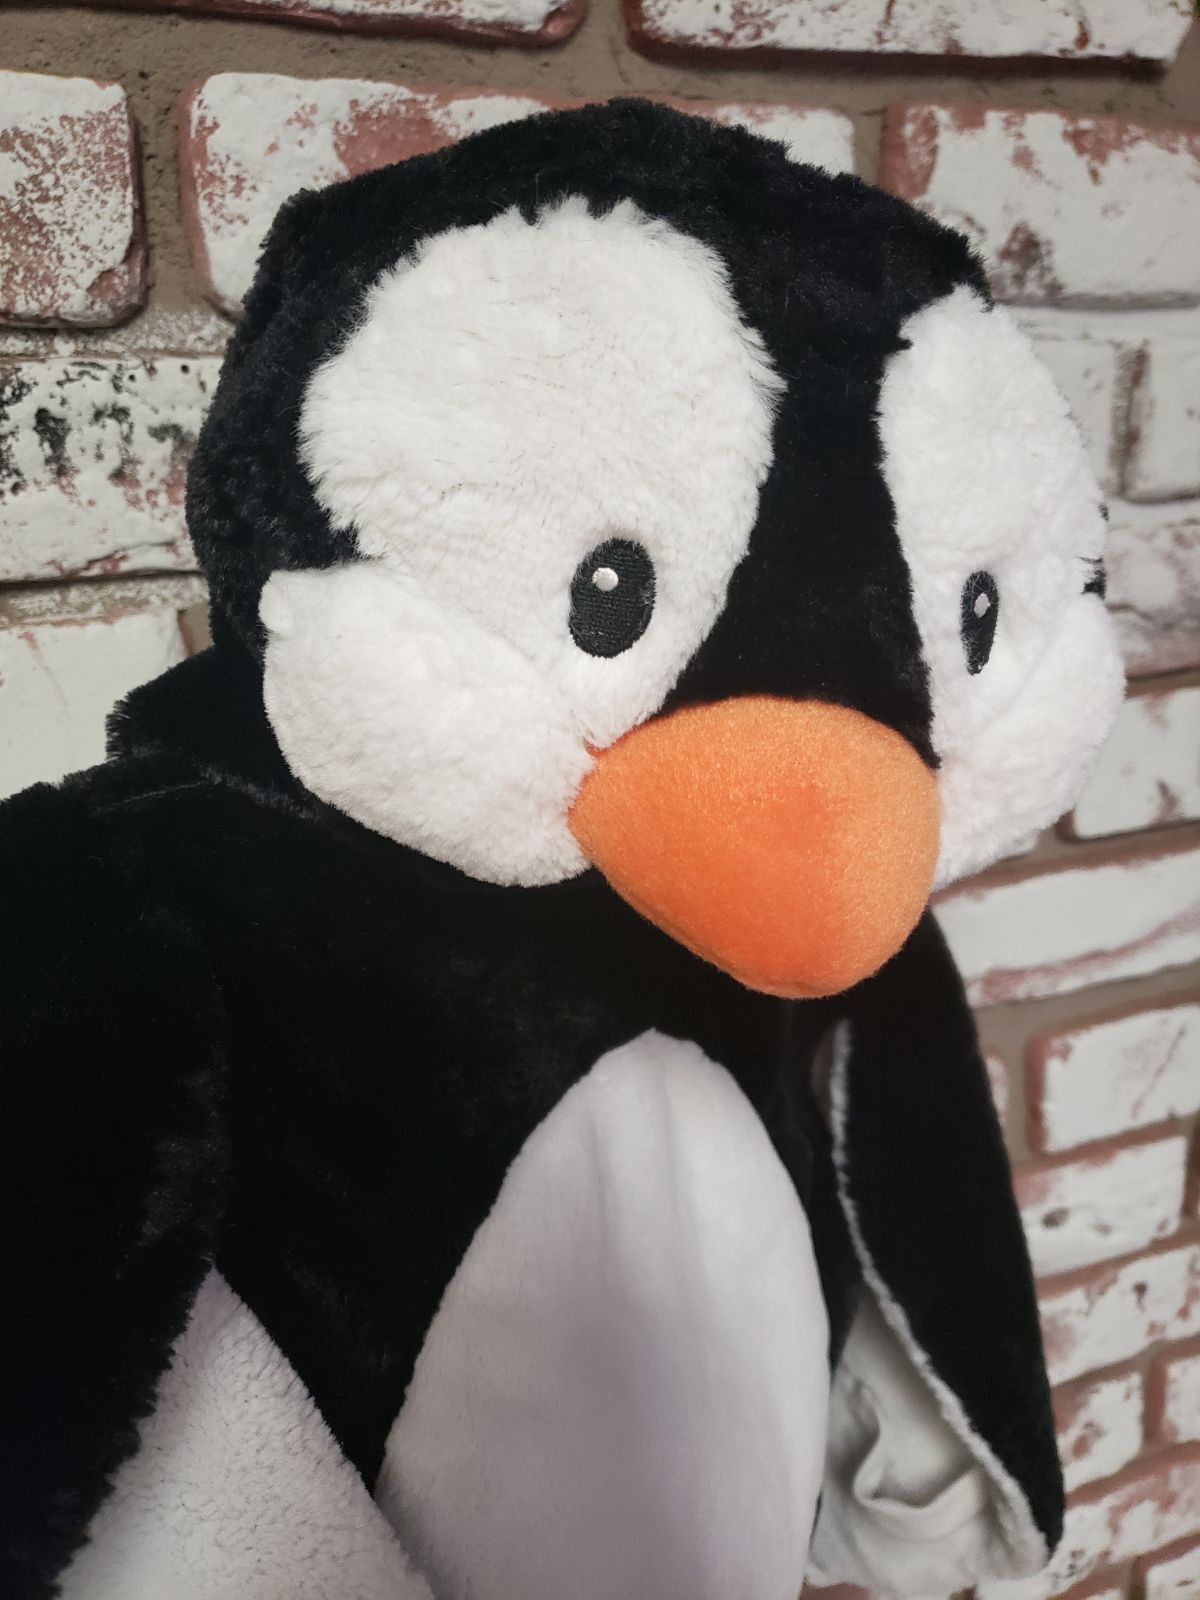 Baby Pinguim halloween costume